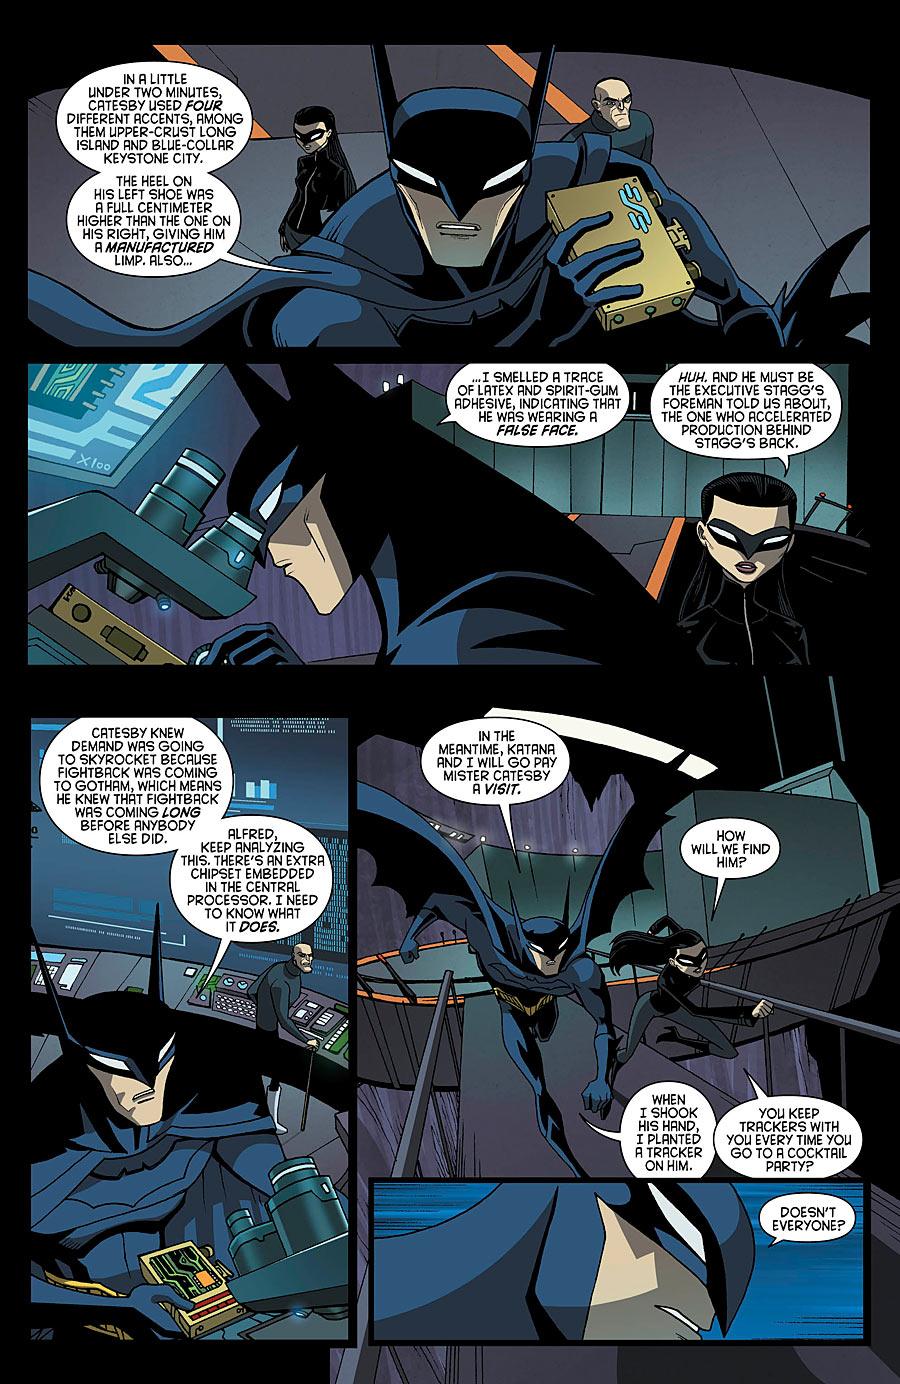 Joker Animated Wallpaper Dc Comics Luciano Vecchio